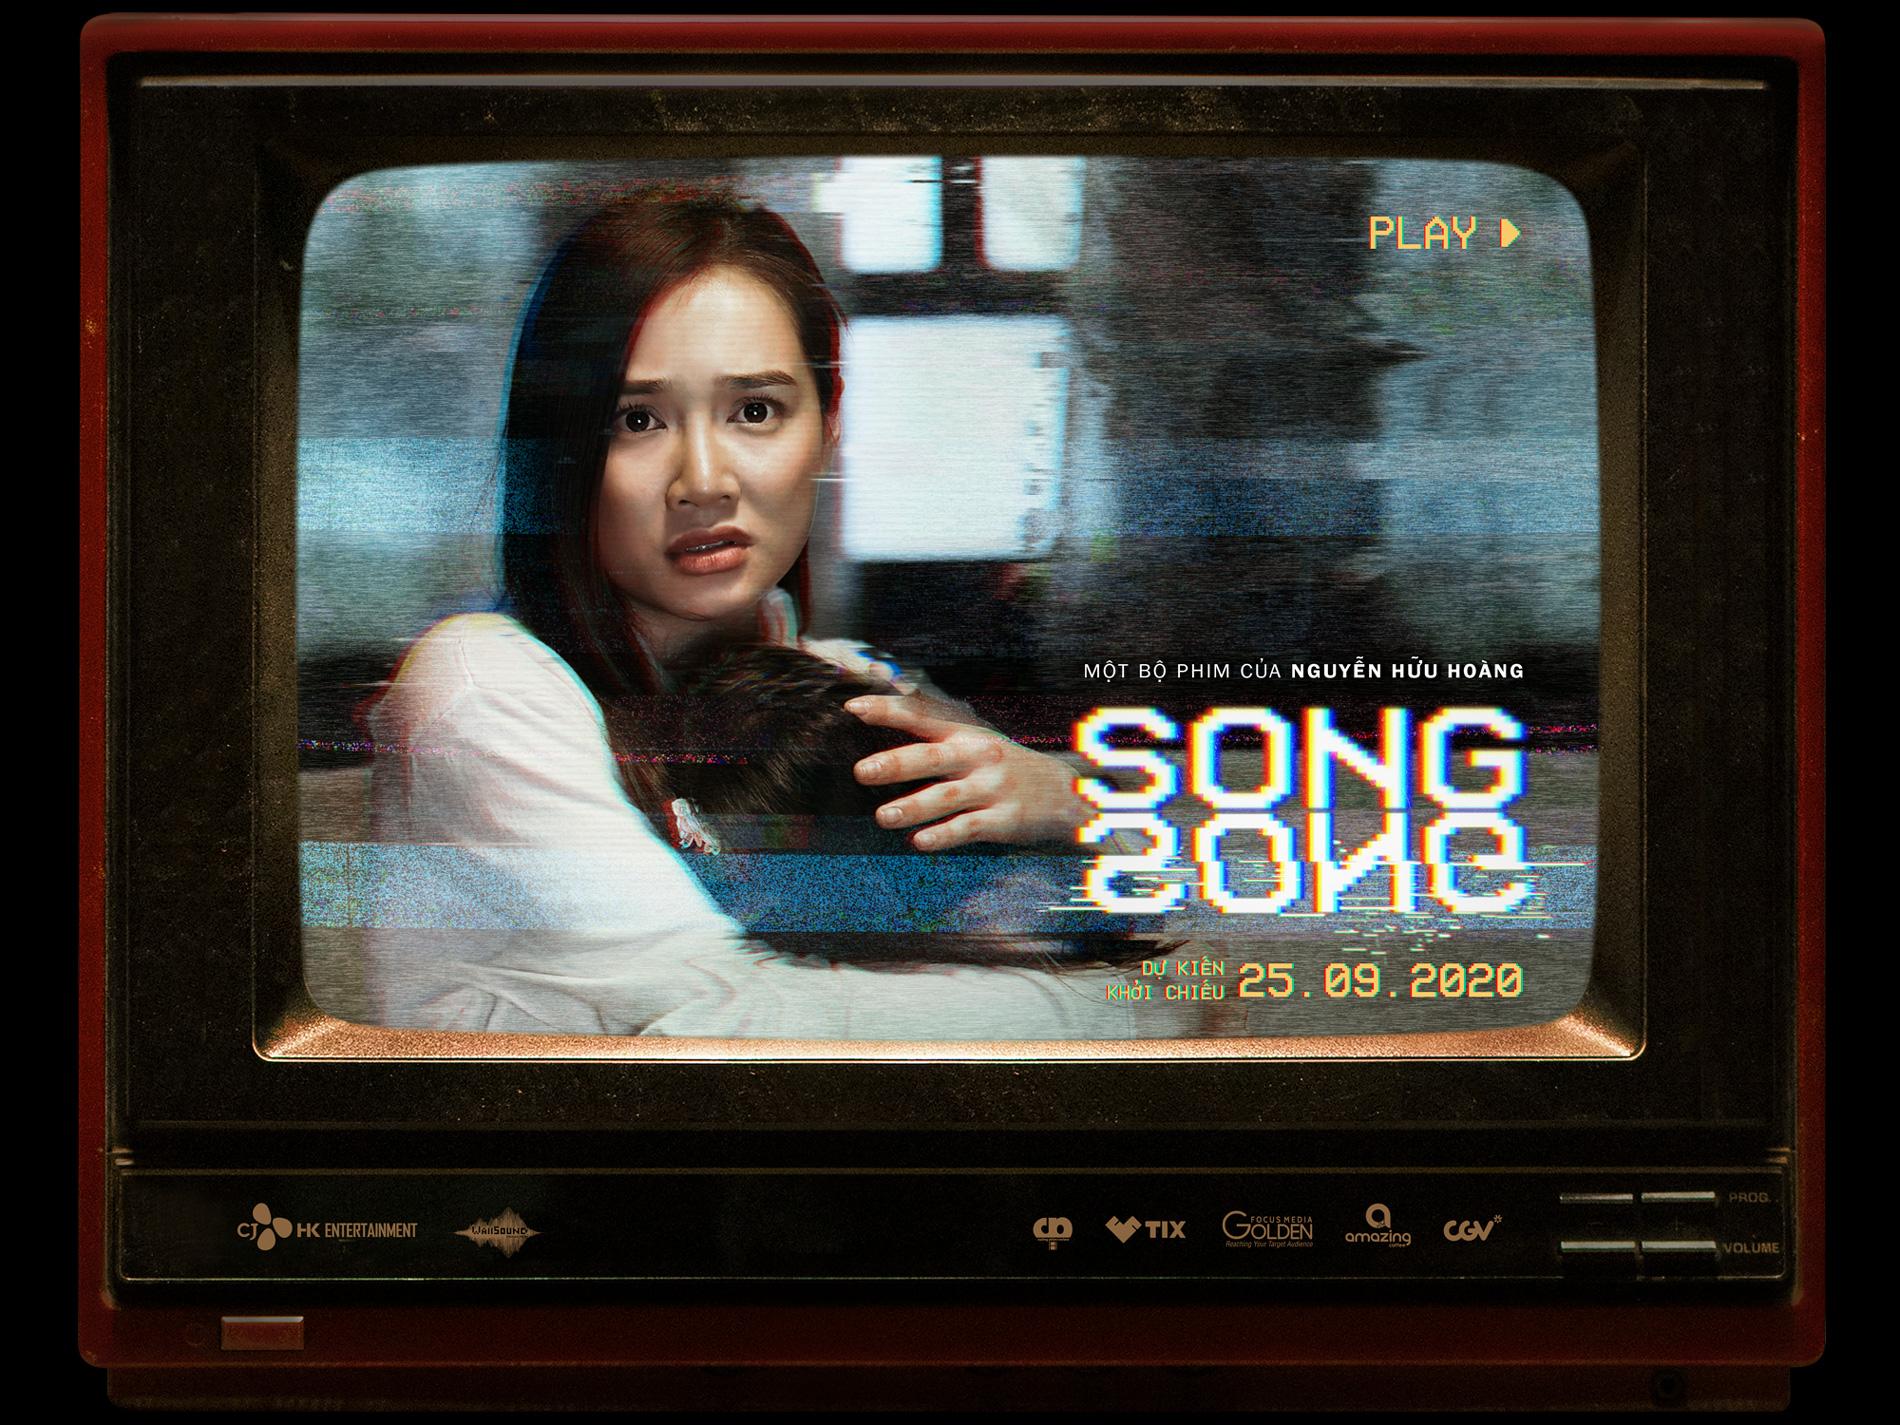 Xuất hiện chớp nhoáng trong trailer 'Song Song',Nhã Phương vẫn để lại cho khán giả vô số câu hỏi lớn 1